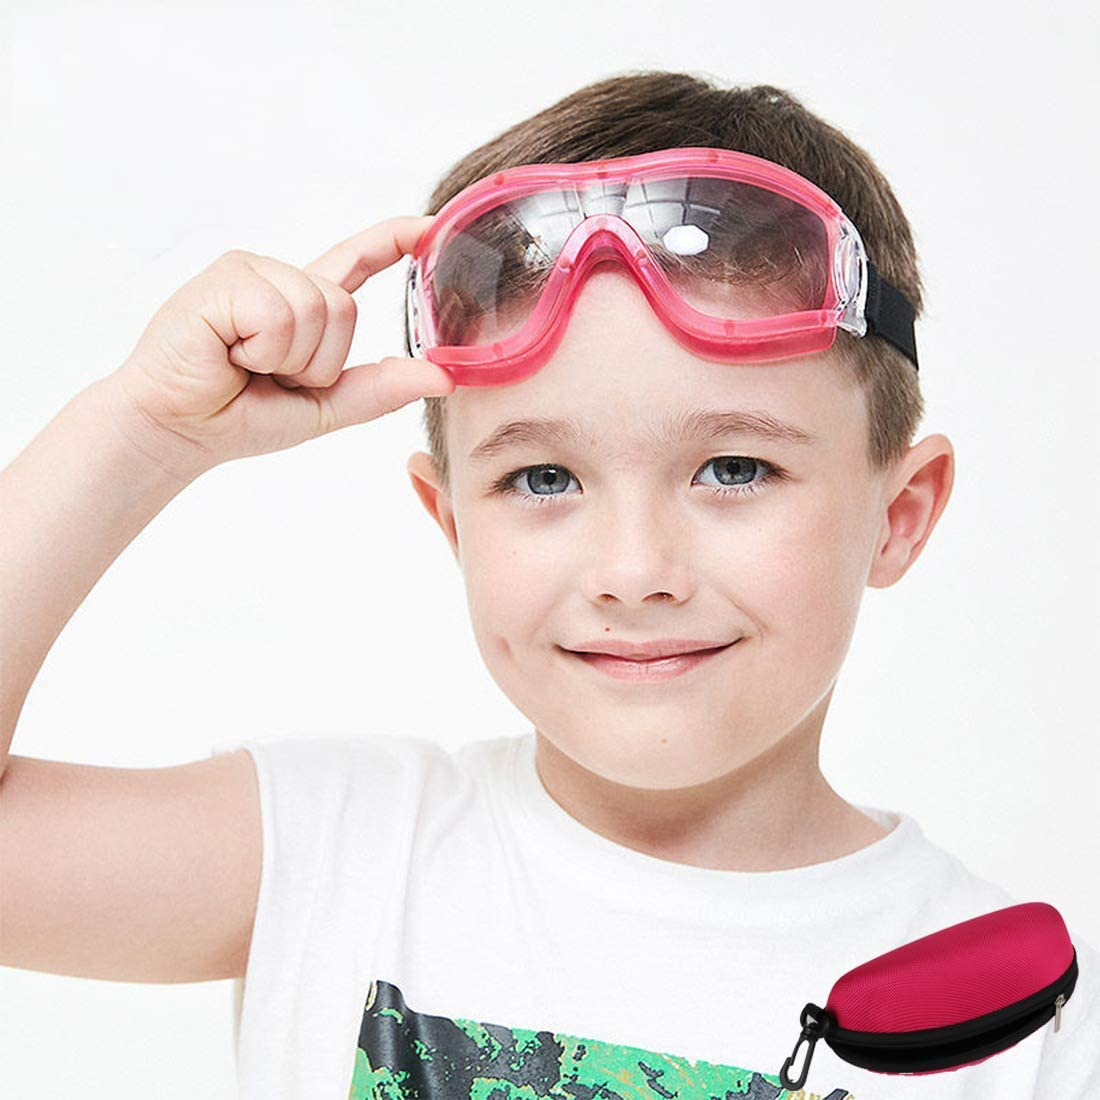 Gafas de protección para niños, a prueba de golpes, lentes balísticas, antivaho, ajuste ajustable para niños y niñas de 5 a 12 años de edad.